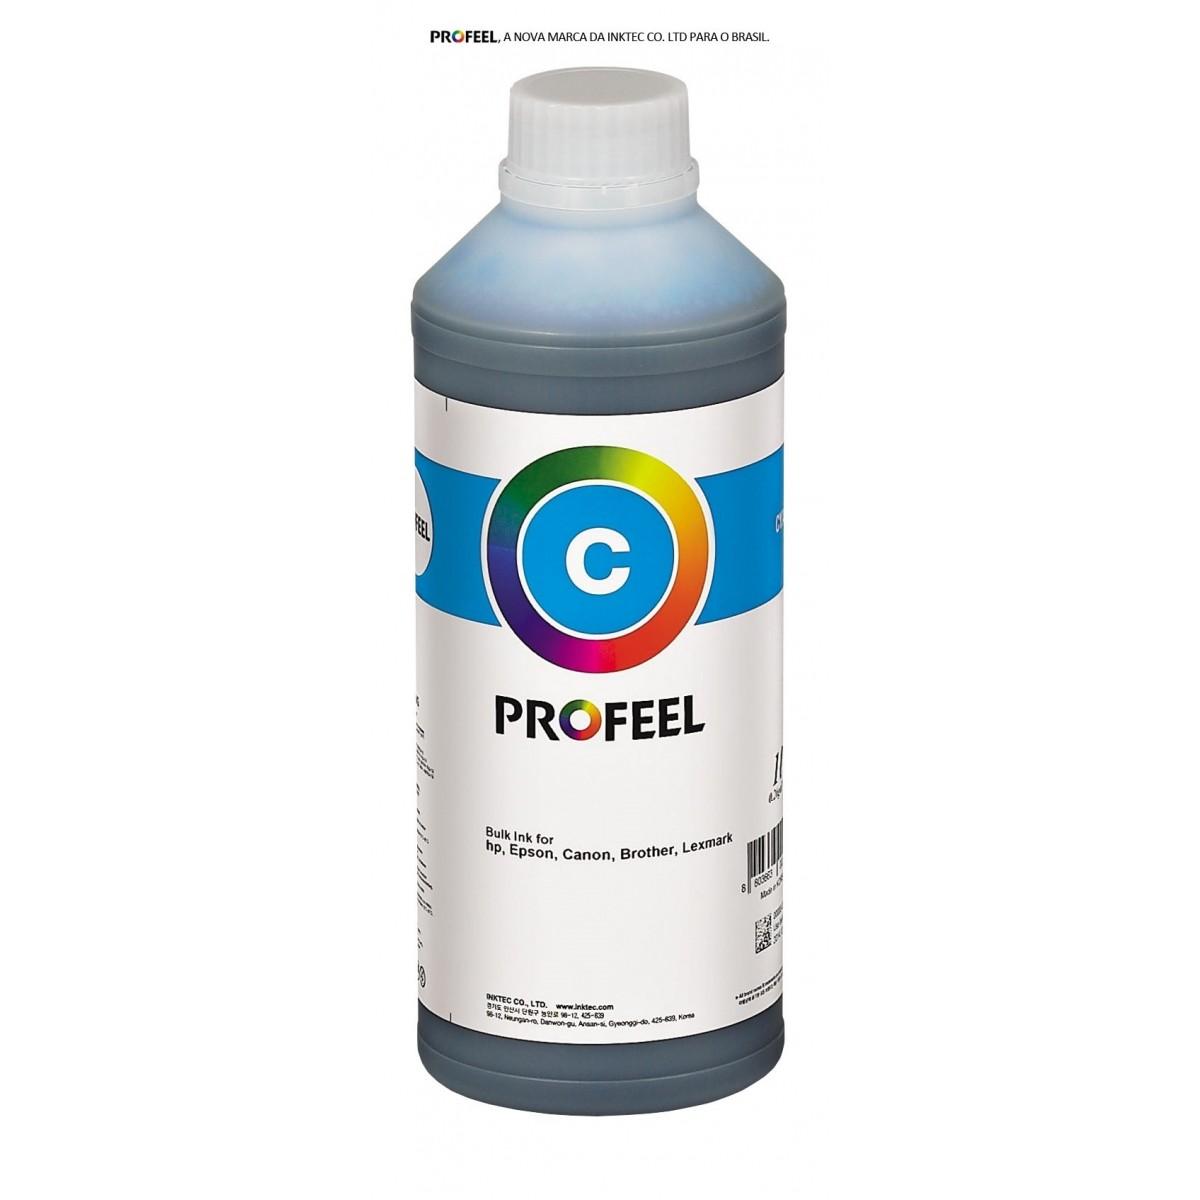 Tinta corante InkTec Profeel modelo H5852-01LC | Frasco de 1 litro | Cor : Ciano